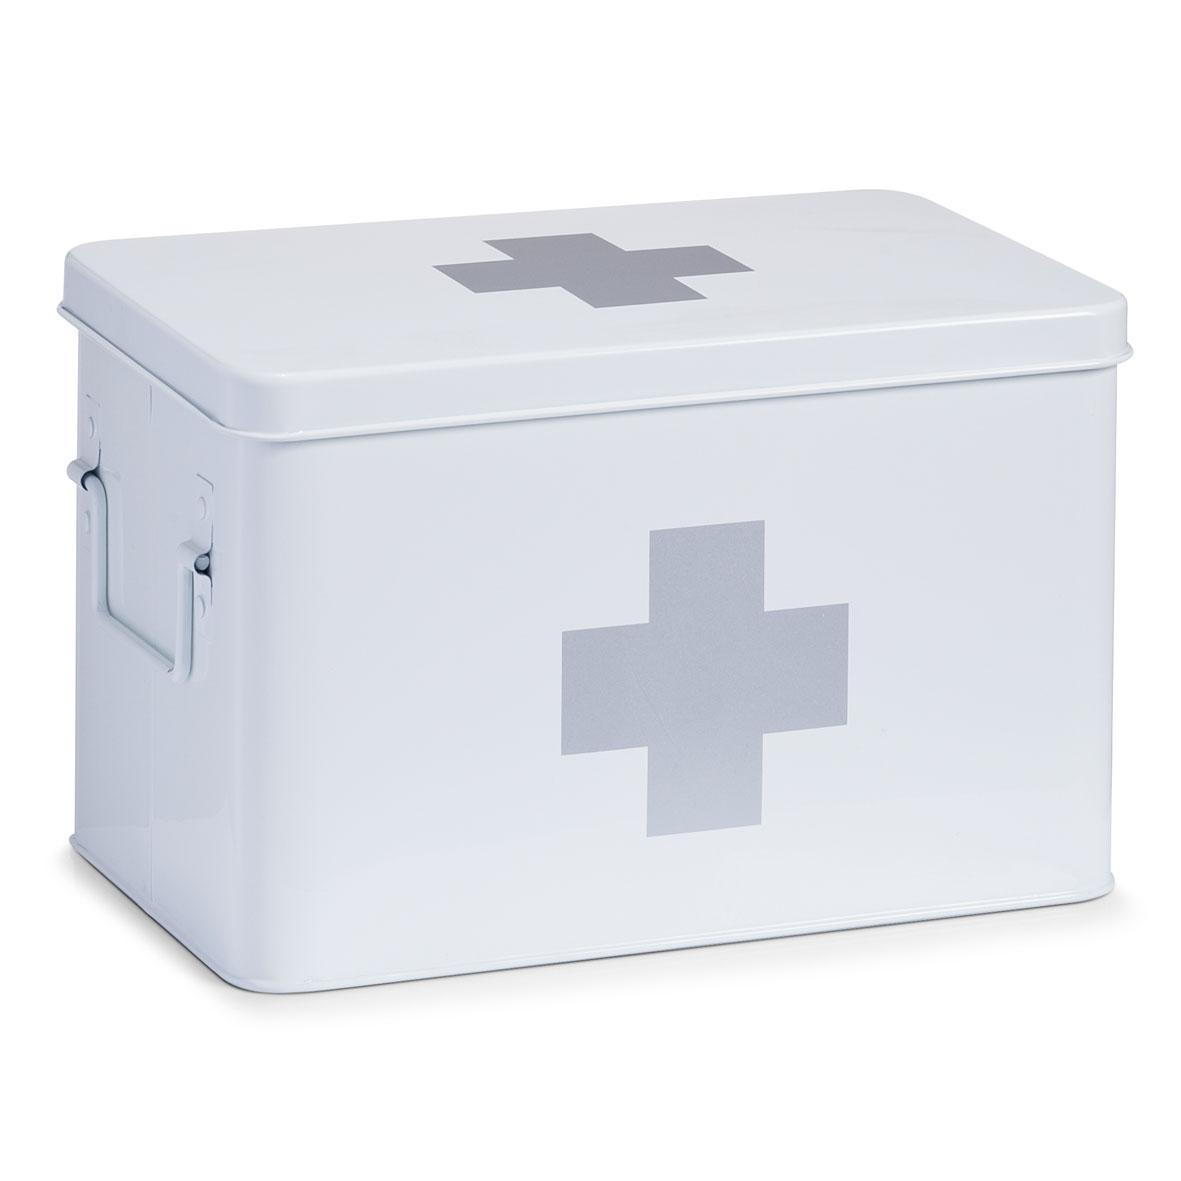 Cutie pentru depozitarea medicamentelor, 5 compartimente, Metal White, l32xA19,5xH20 cm imagine